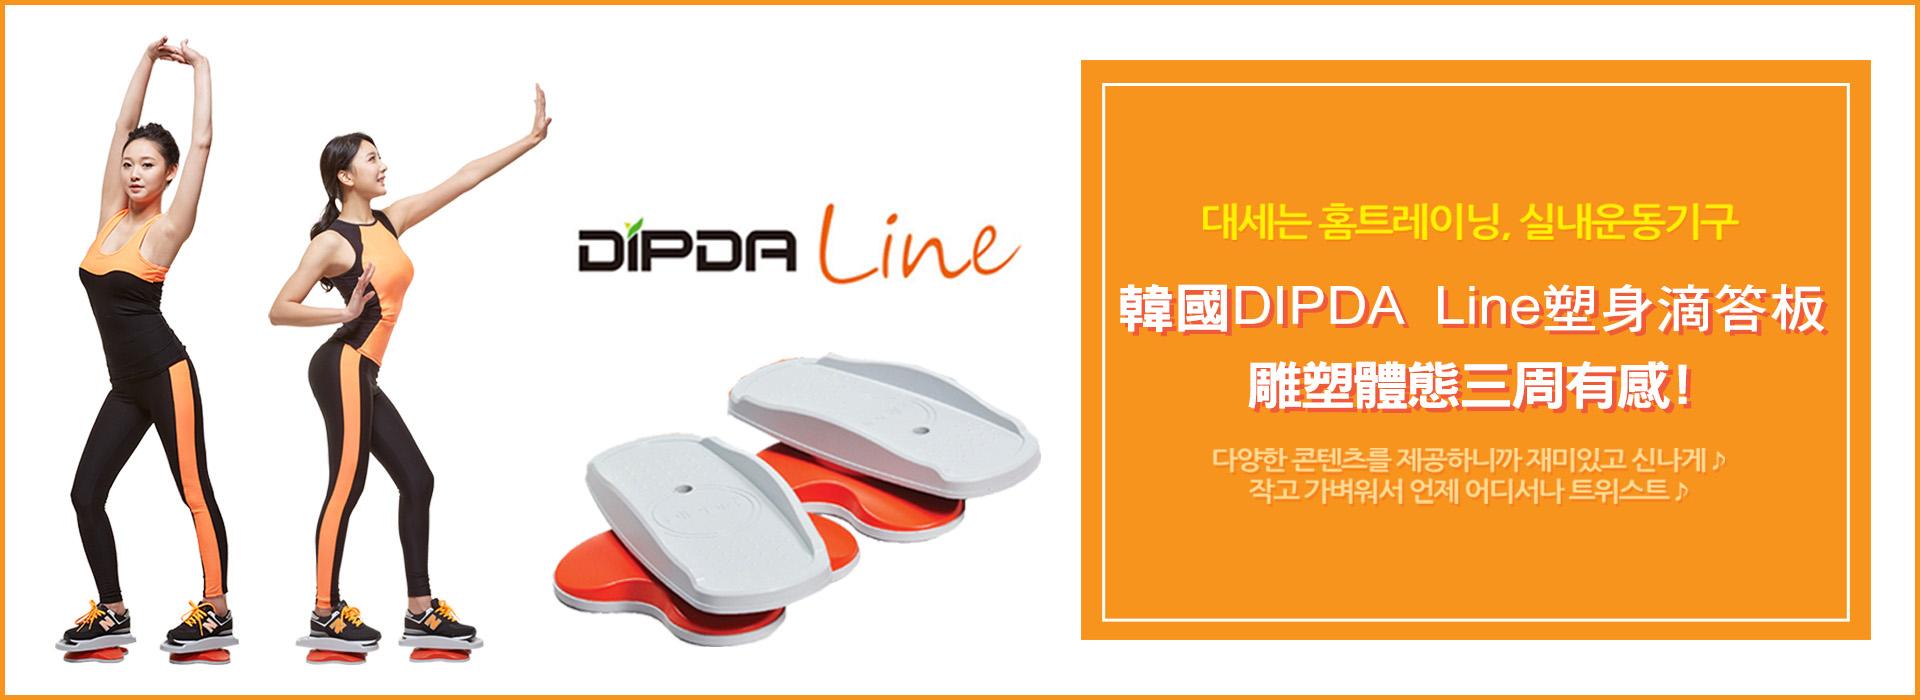 【韓國DIPDA Line】塑身滴答板 快樂塑身 三週有感